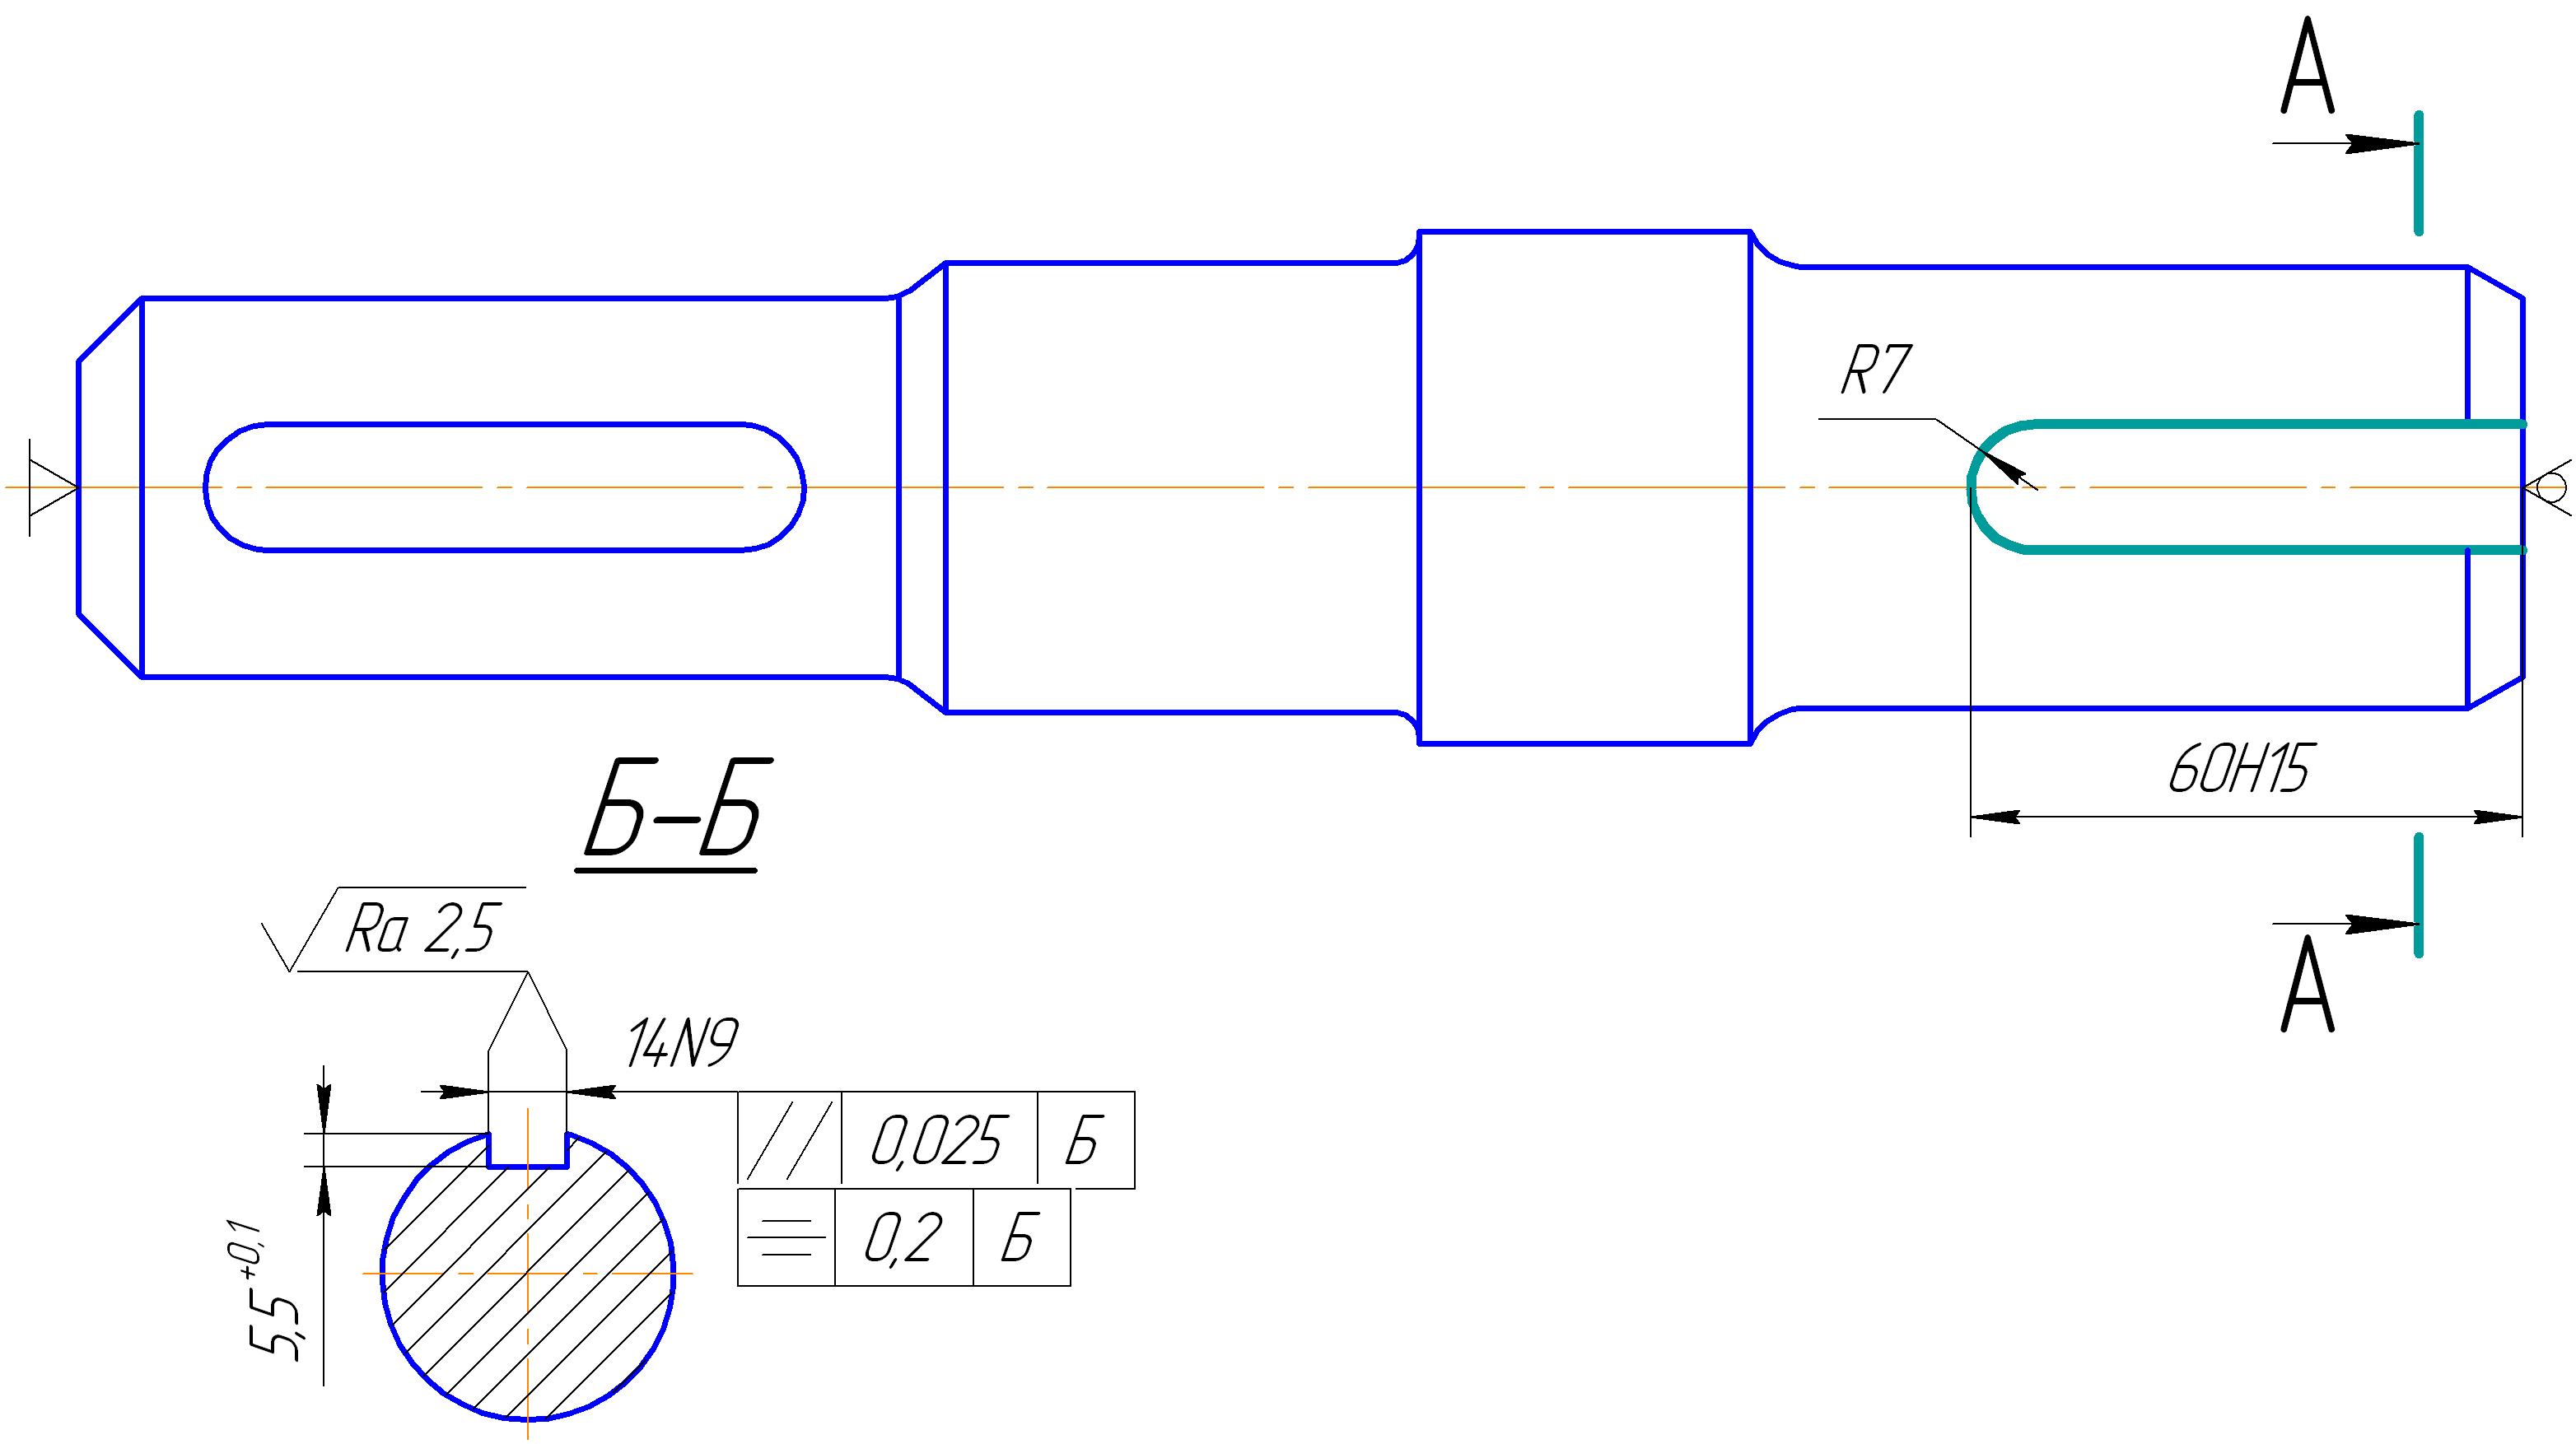 Термическая операция Фрезерная операция 9 1 Фрезеровать паз шириной 14n9 глубиной 5 5 0 1 мм и длиной 60Н15